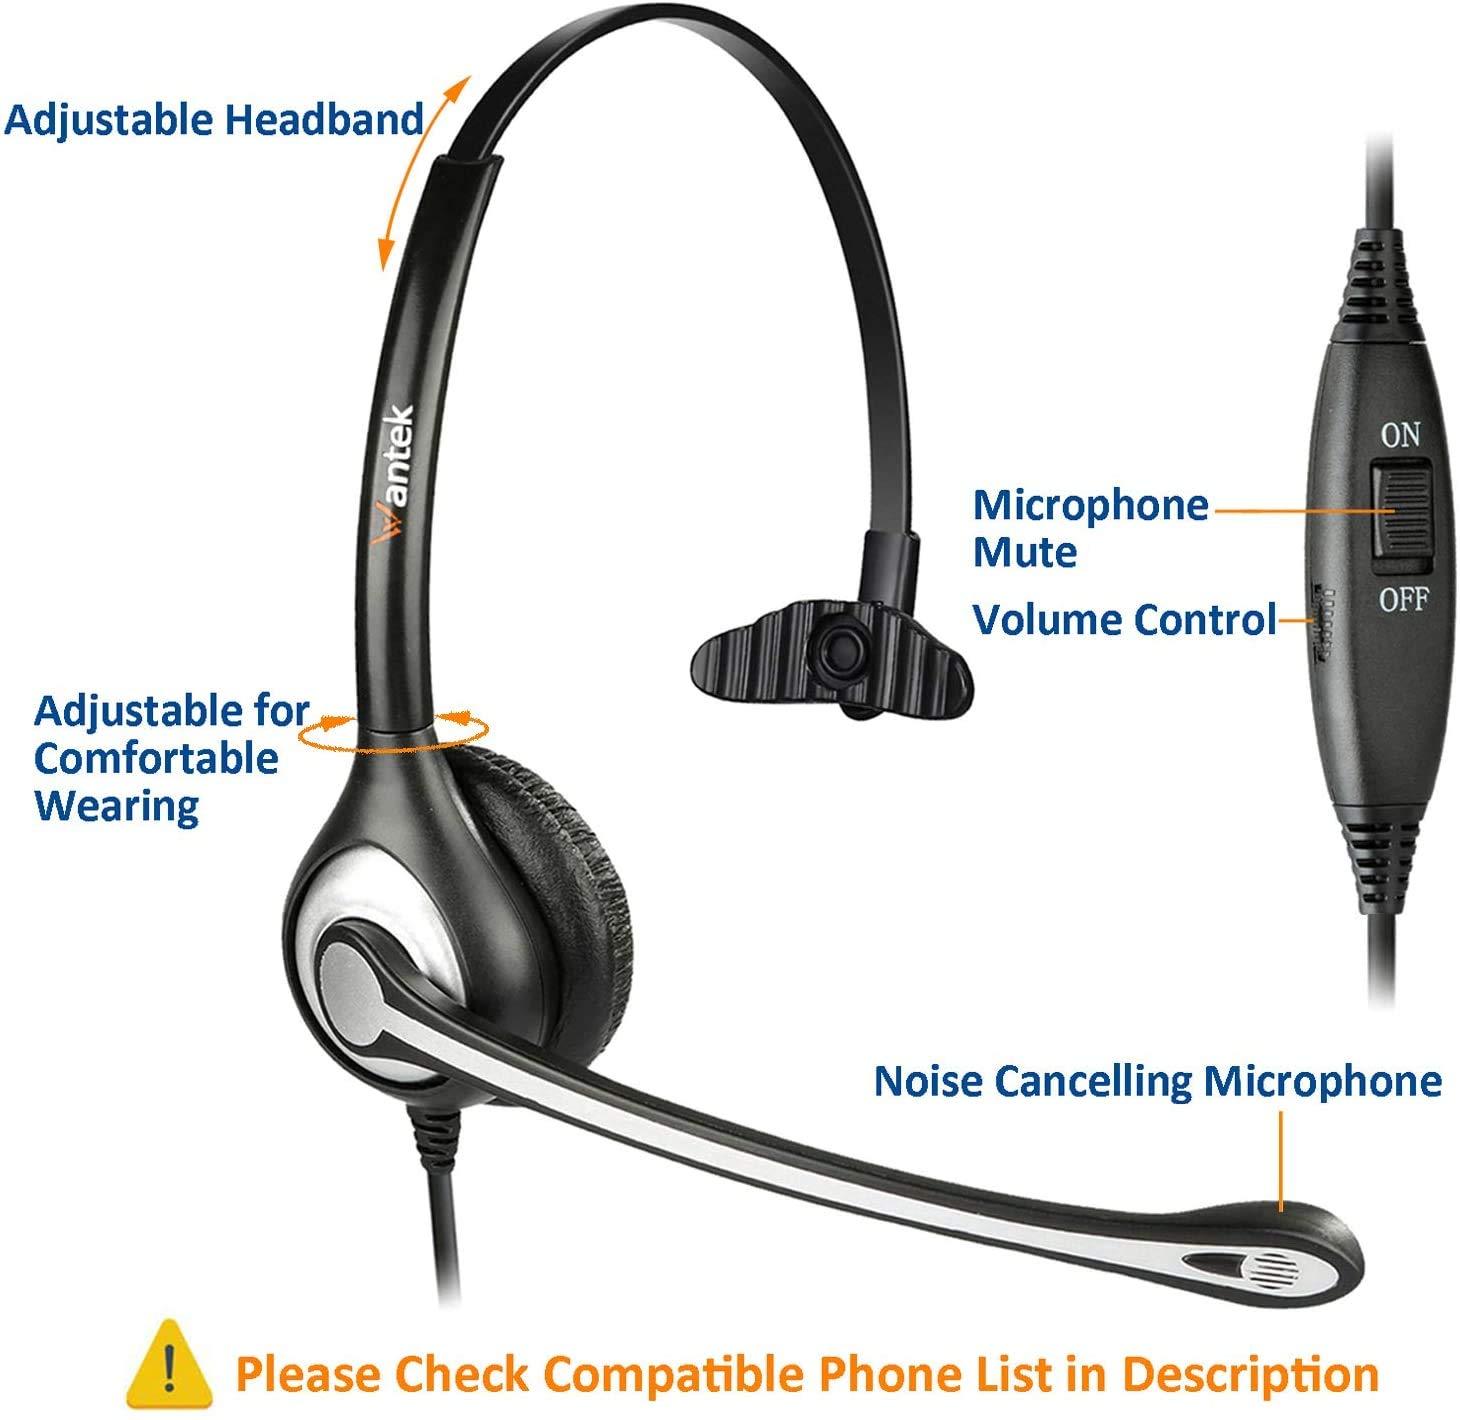 Auriculares Teléfono Fijo 2,5 mm Mono, Micrófono con Cancelación de Ruido, Quick Disconnect, WANTEK Cascos Teléfonos Inalámbricos DECT para Panasonic Gigaset Grandstream Philips(600QJ25): Amazon.es: Electrónica